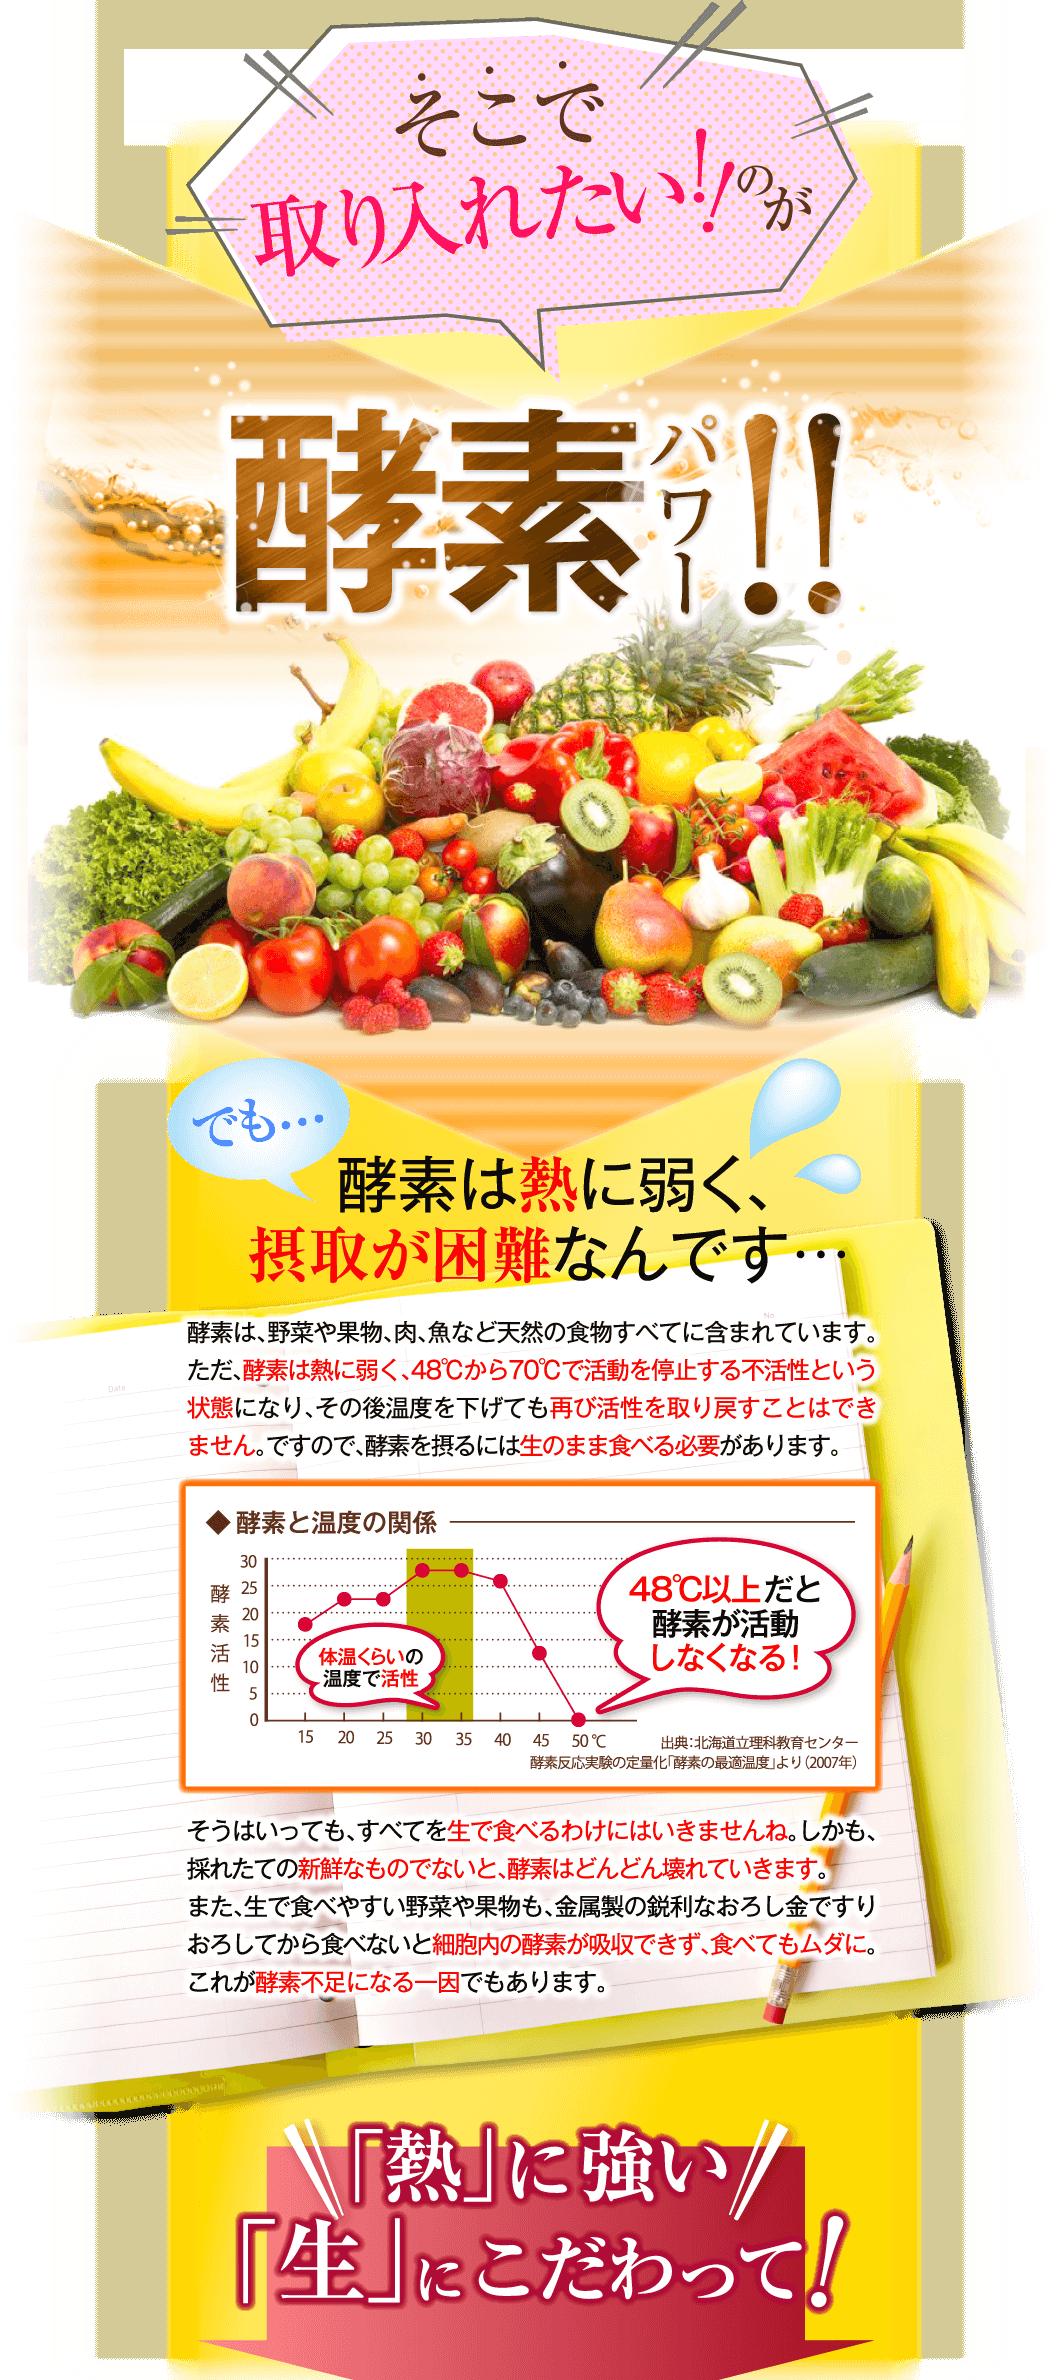 酵素は熱に弱く、摂取が困難なんです…酵素は、野菜や果物、肉、魚など天然の食物すべてに含まれています。ただ、酵素は熱に弱く、48℃から70℃で活動を停止する不活性という状態になり、その後温度を下げても再び活性を取り戻すことはできません。ですので、酵素を摂るには生のまま食べる必要があります。そうはいっても、すべてを生で食べるわけにはいきませんね。しかも、採れたての新鮮なものでないと、酵素はどんどん壊れていきます。また、生で食べやすい野菜や果物も、金属製の鋭利なおろし金ですりおろしてから食べないと細胞内の酵素が吸収できず、食べてもムダに。これが酵素不足になる一因でもあります。「熱」に強い「生」にこだわって!